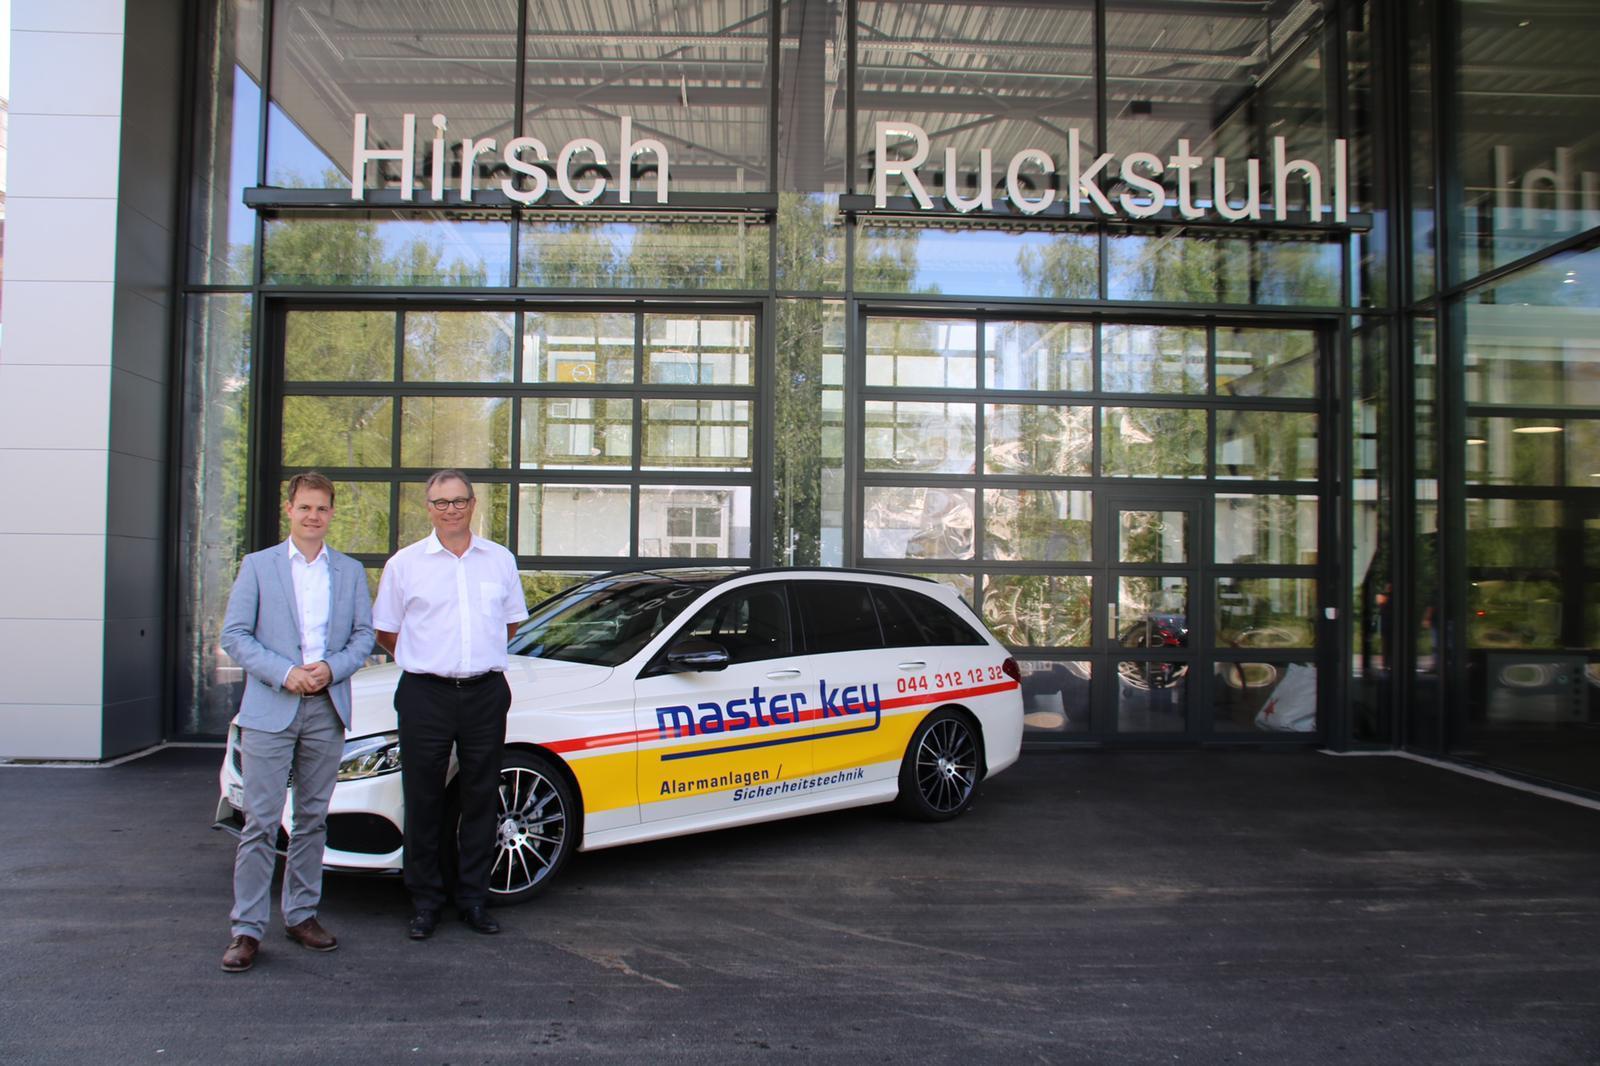 Referenzen Schlüsseldienst Zürich Mercedes Hirsch Ruckstuhl